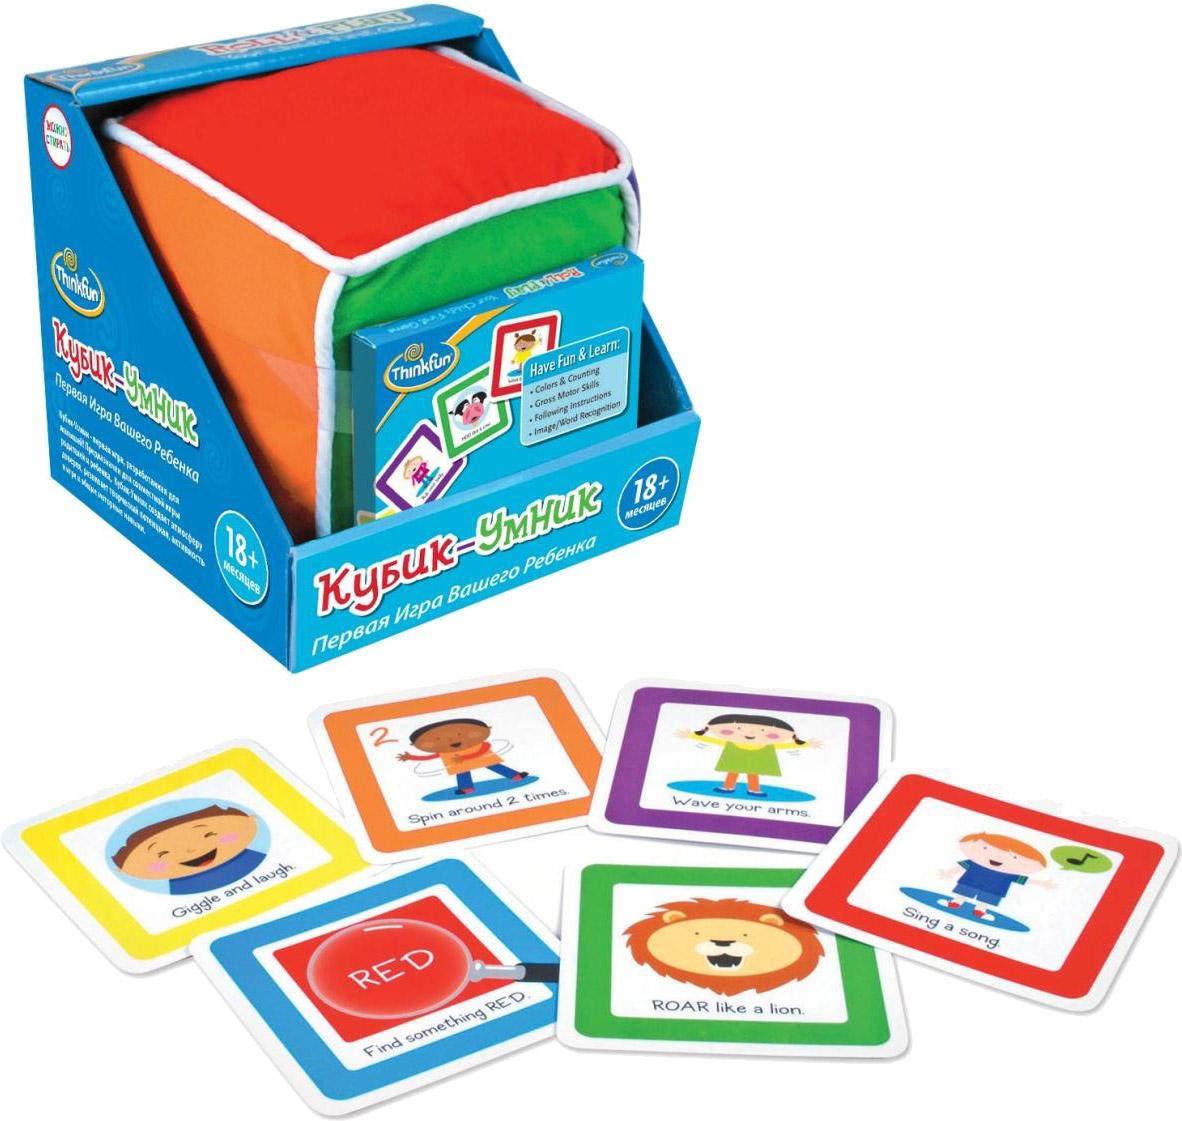 Купить Развивающие игрушки, Кубик-Умник, Think Fun, США, многоцветный